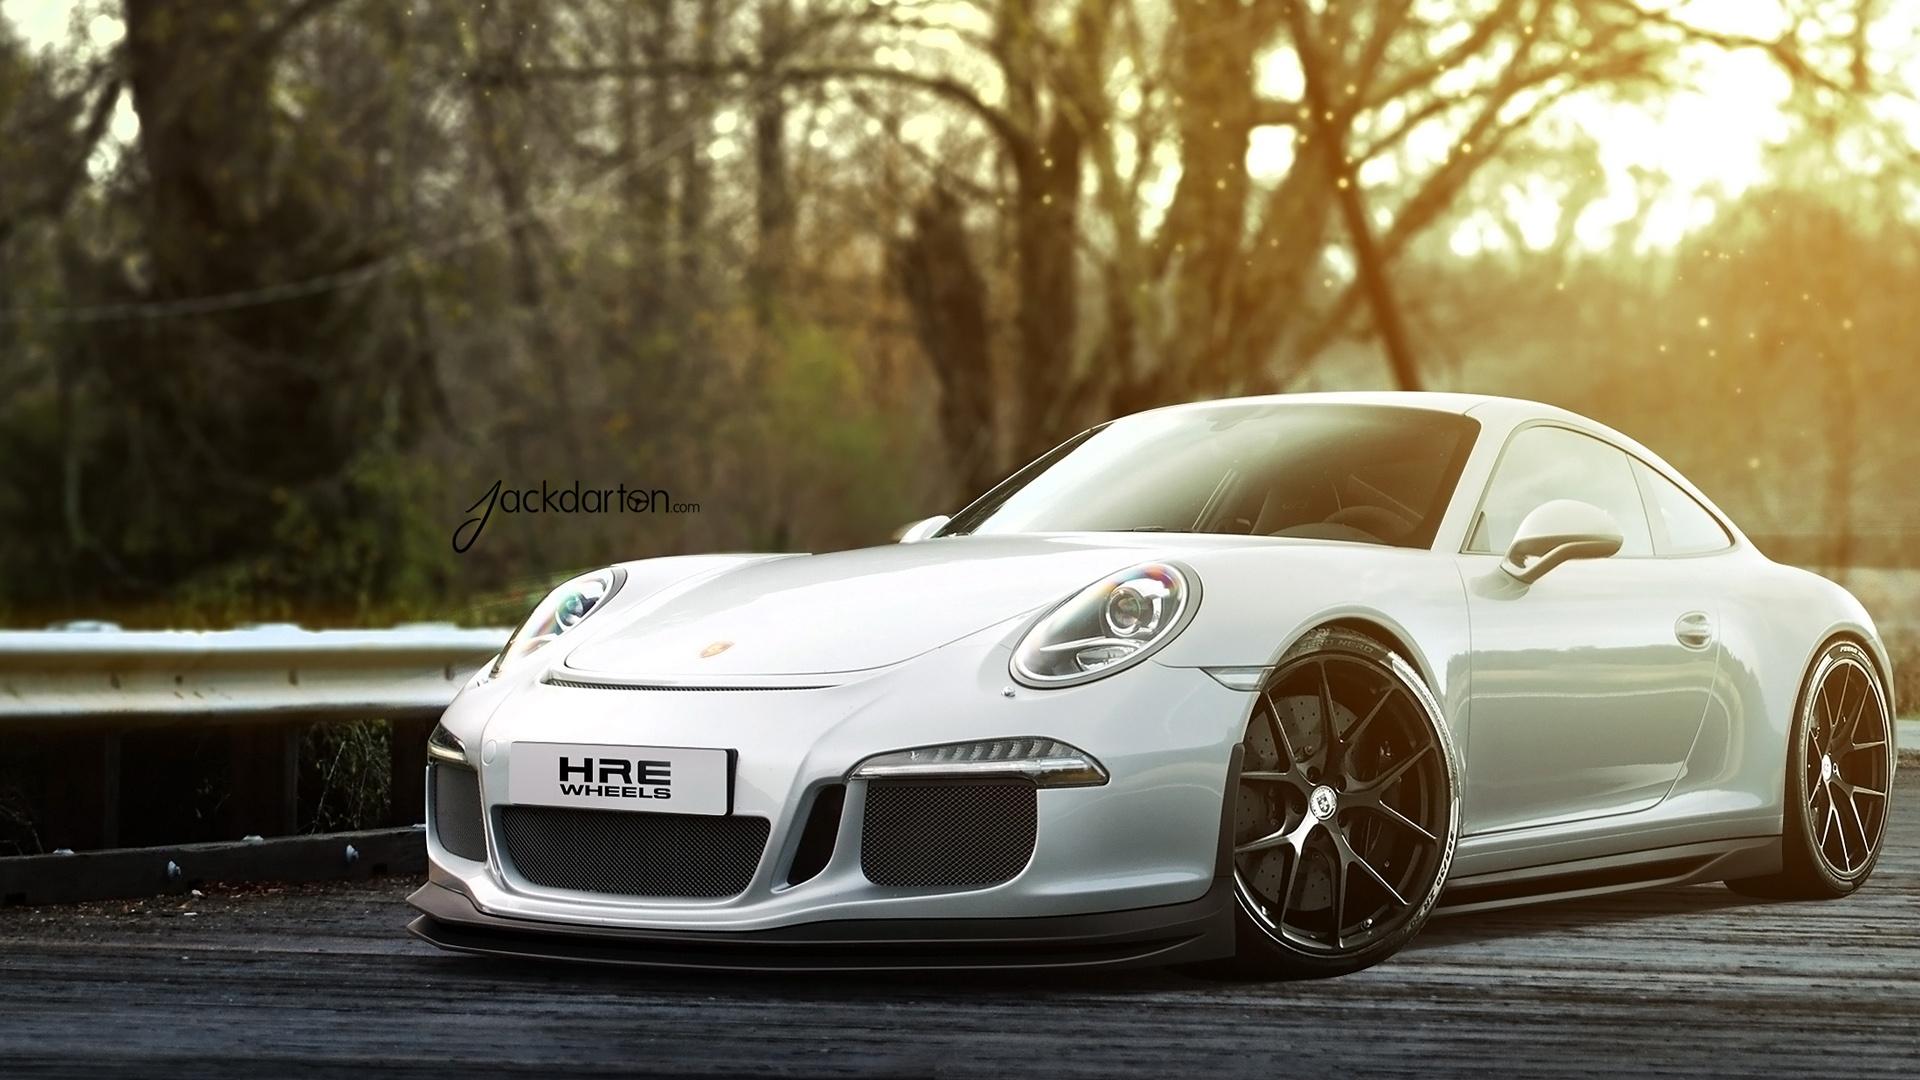 Porsche 911 GT3 Wallpapers HD Wallpapers 1920x1080